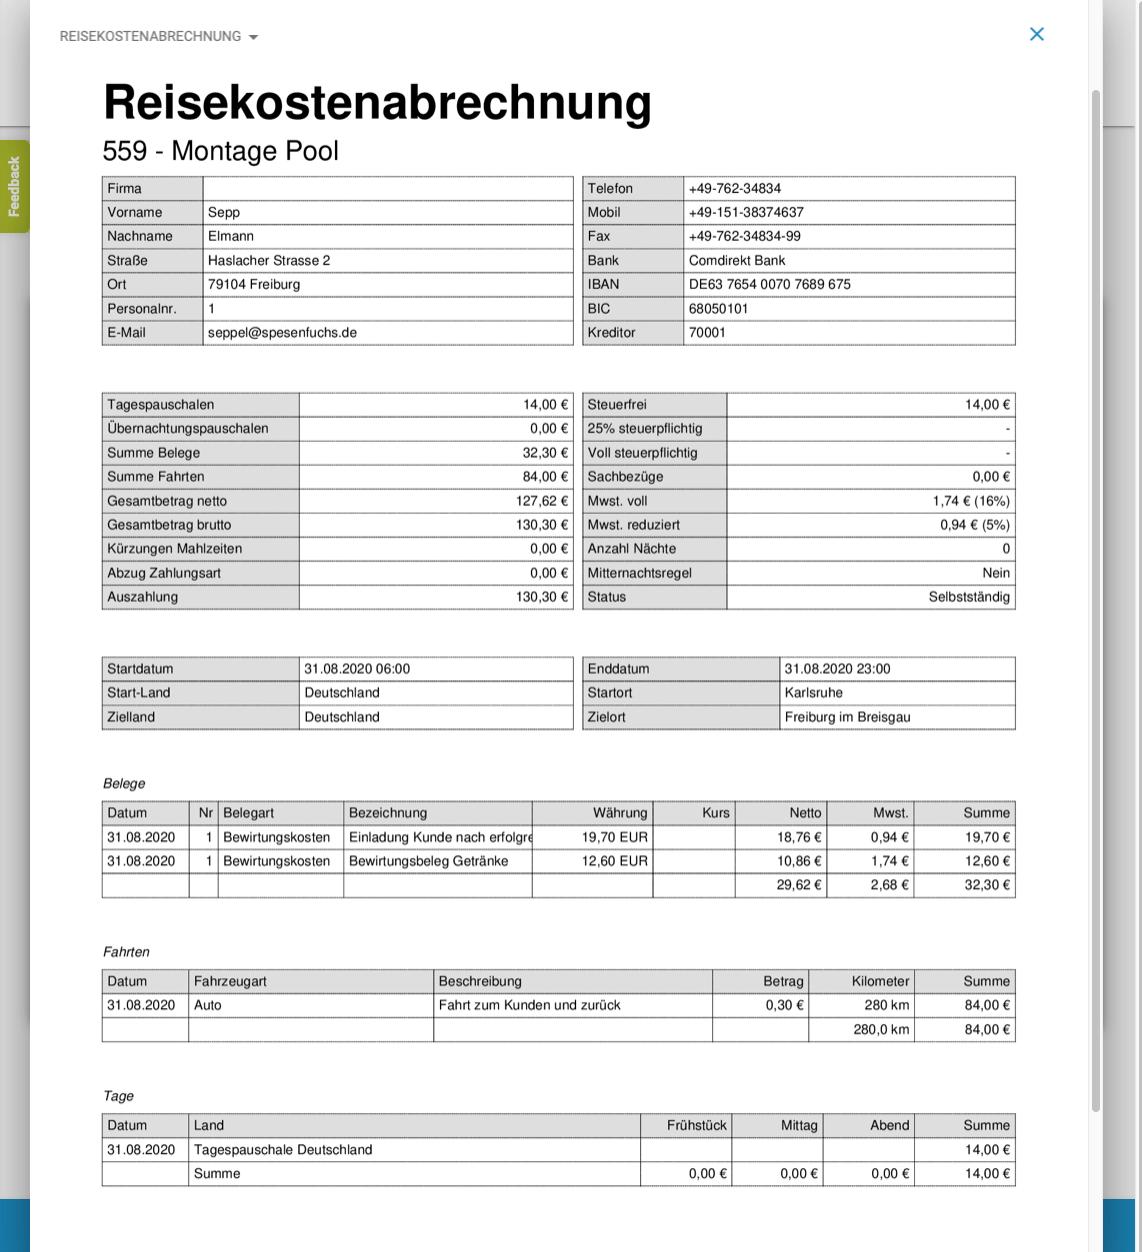 Abb.2: Reisekostenabrechnung Spesenfuchs